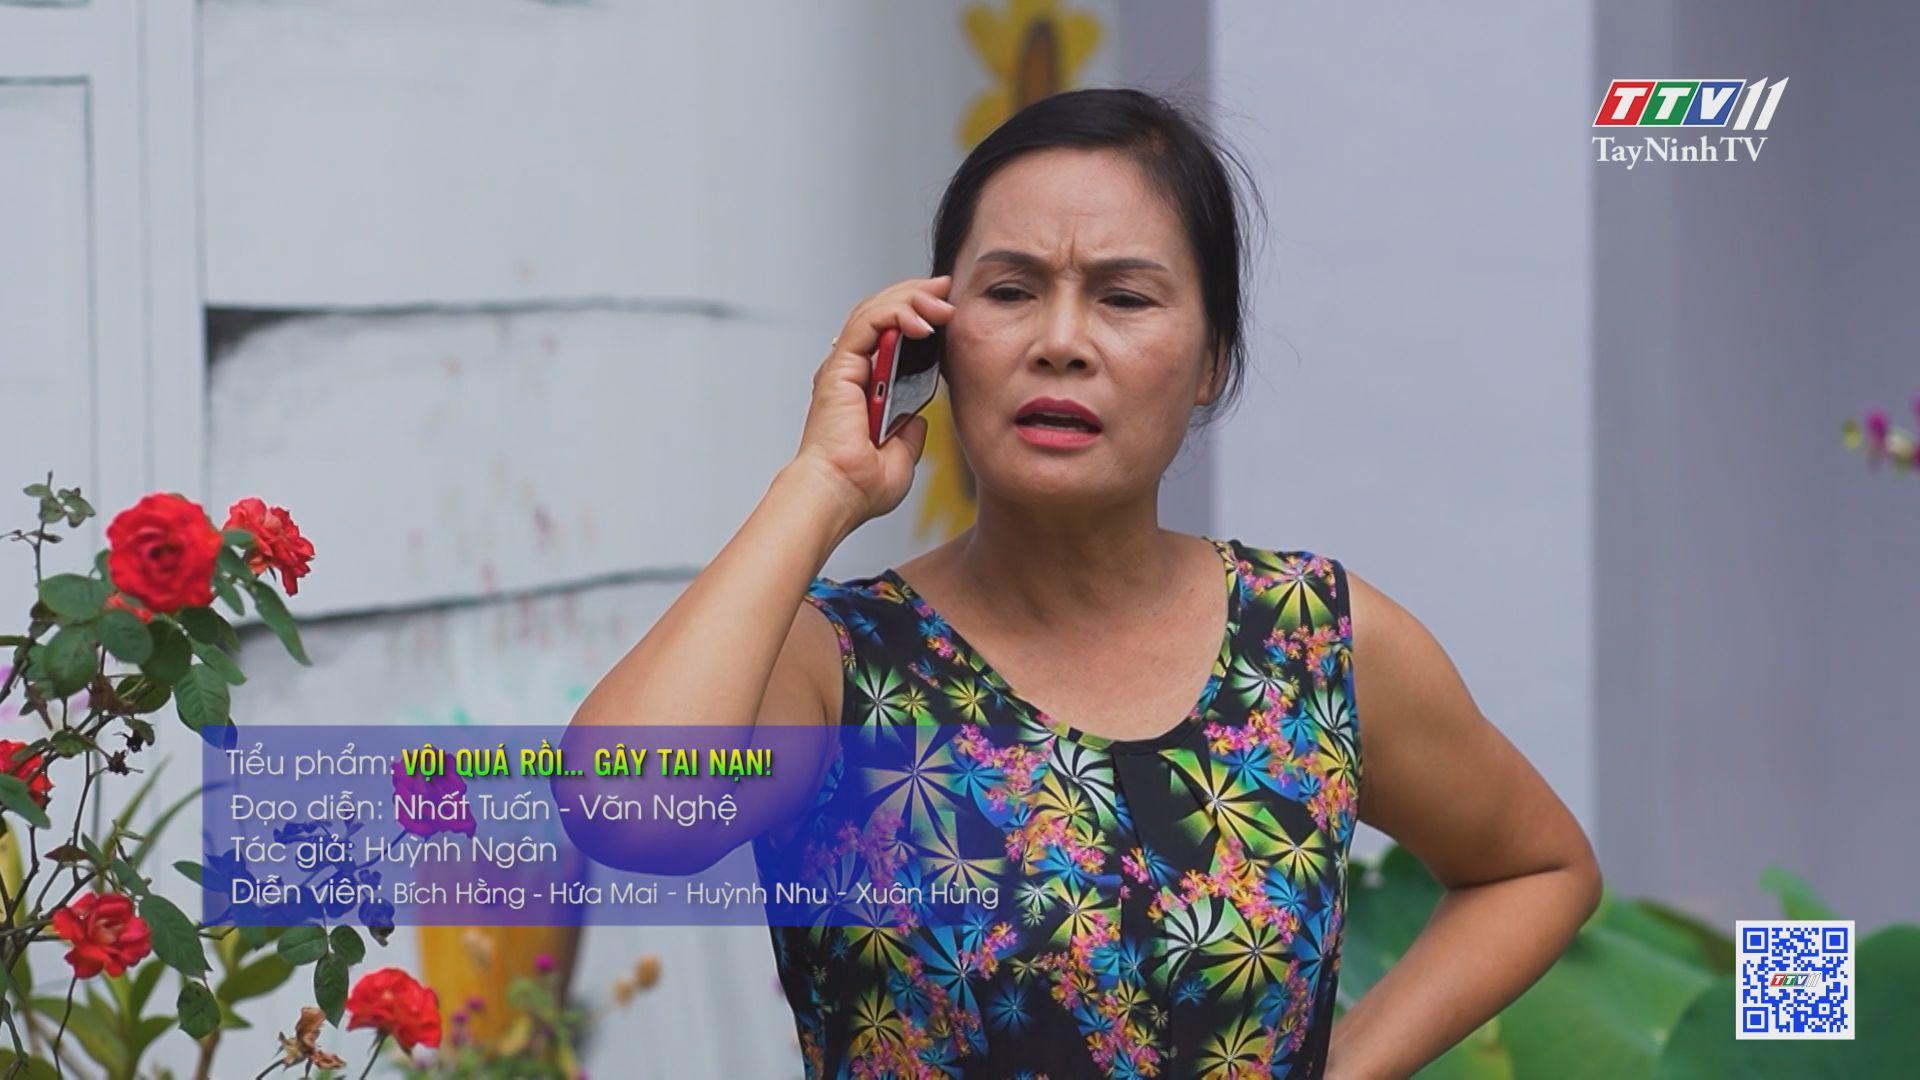 TayNinhTV | Văn hóa giao thông | Vội quá rồi gây tai nạn!